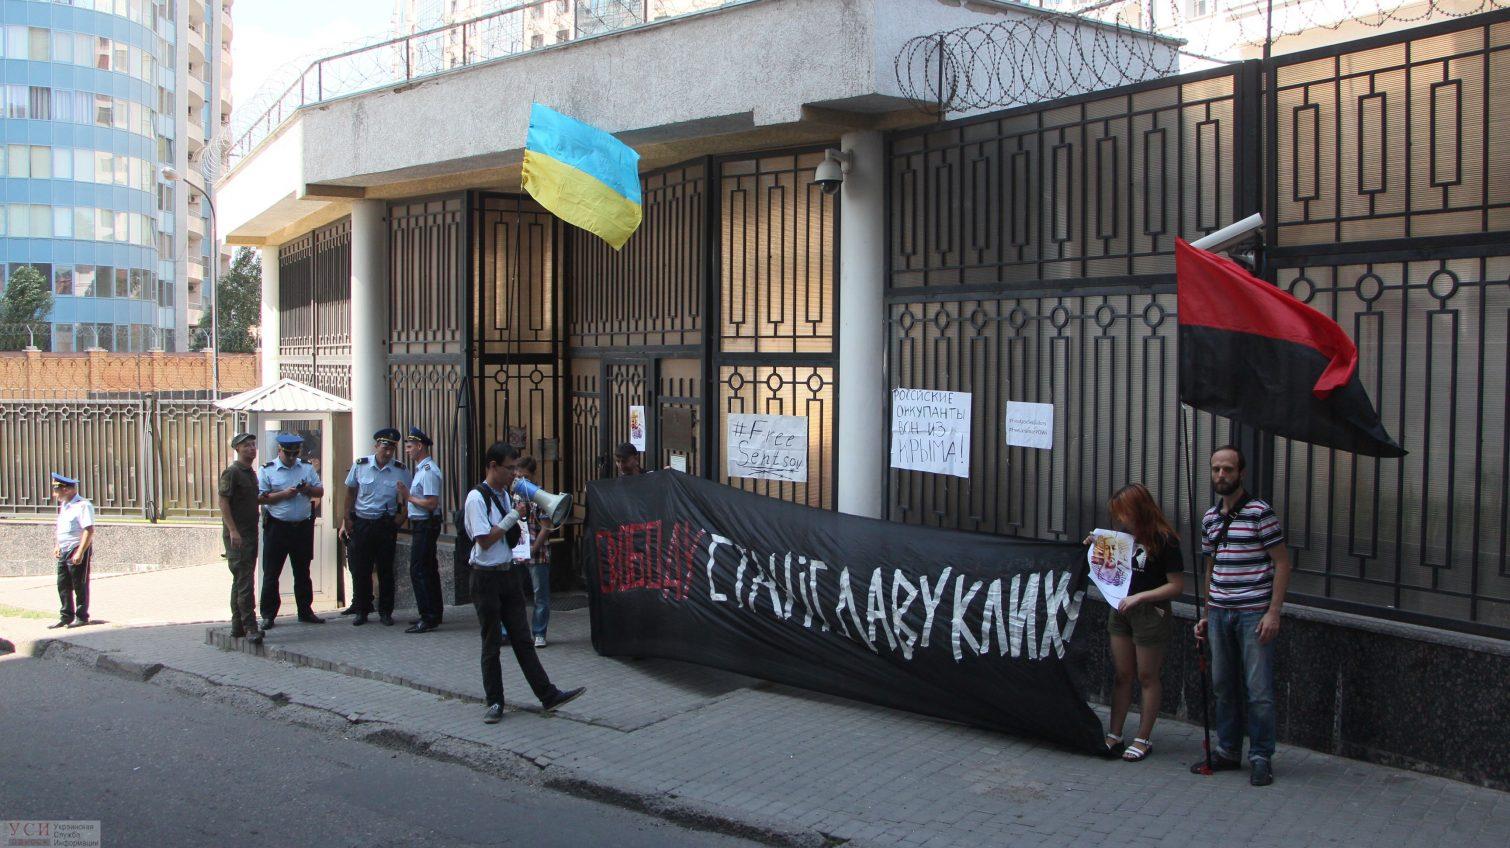 Свободу политзаключенным: одесситы митинговали возле посольства России против незаконных арестов украинцев (фото) «фото»